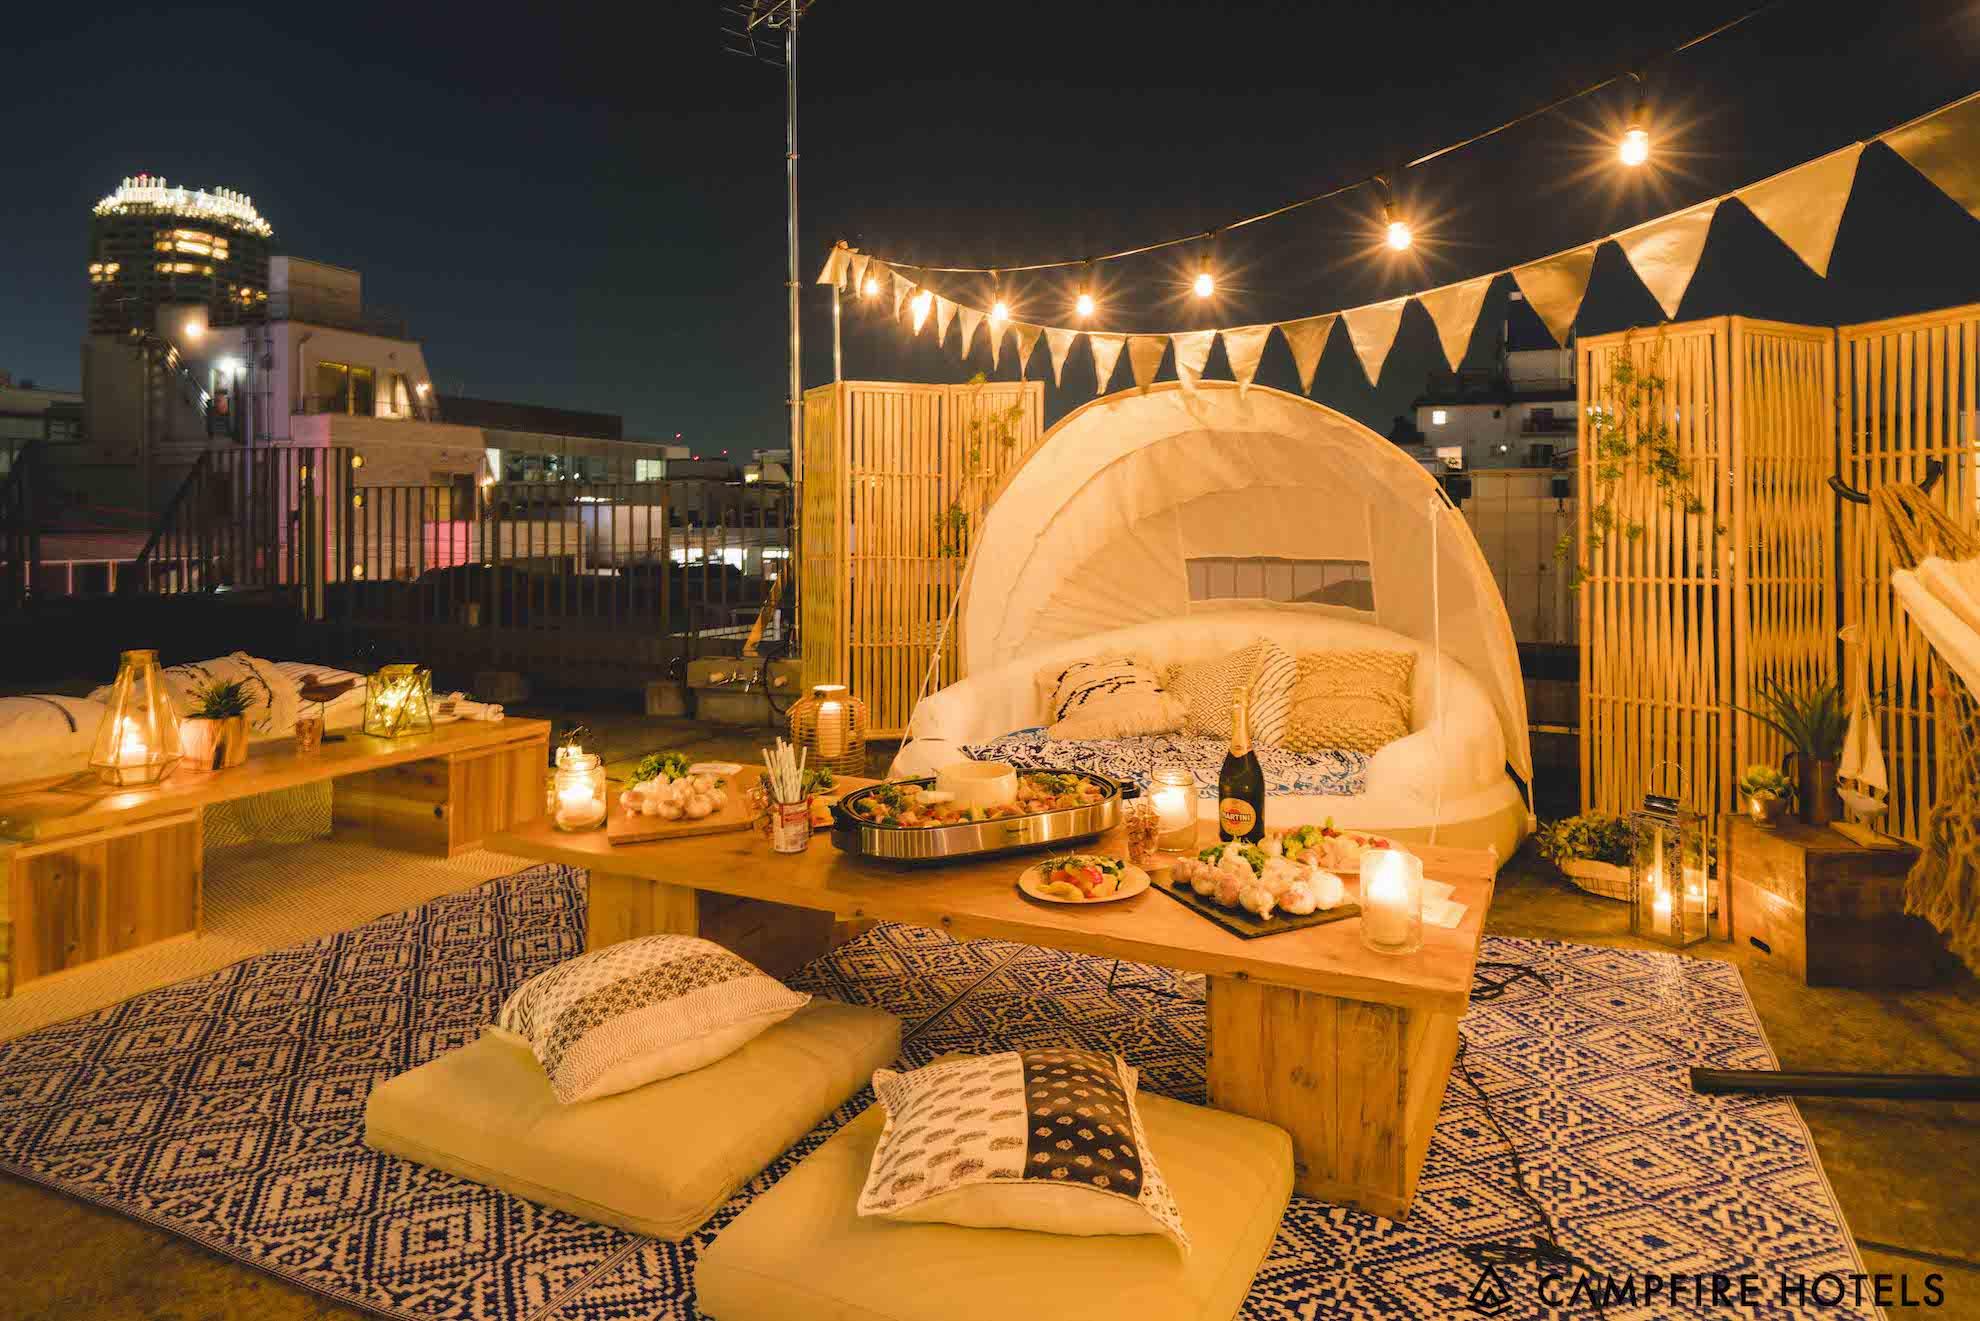 03 - アウトドアパーティーセットアウトドアパーティーを華やかに演出するセットです。流行のロースタイルセッティングは親密さを生み、ゲストからも喜ばれます。